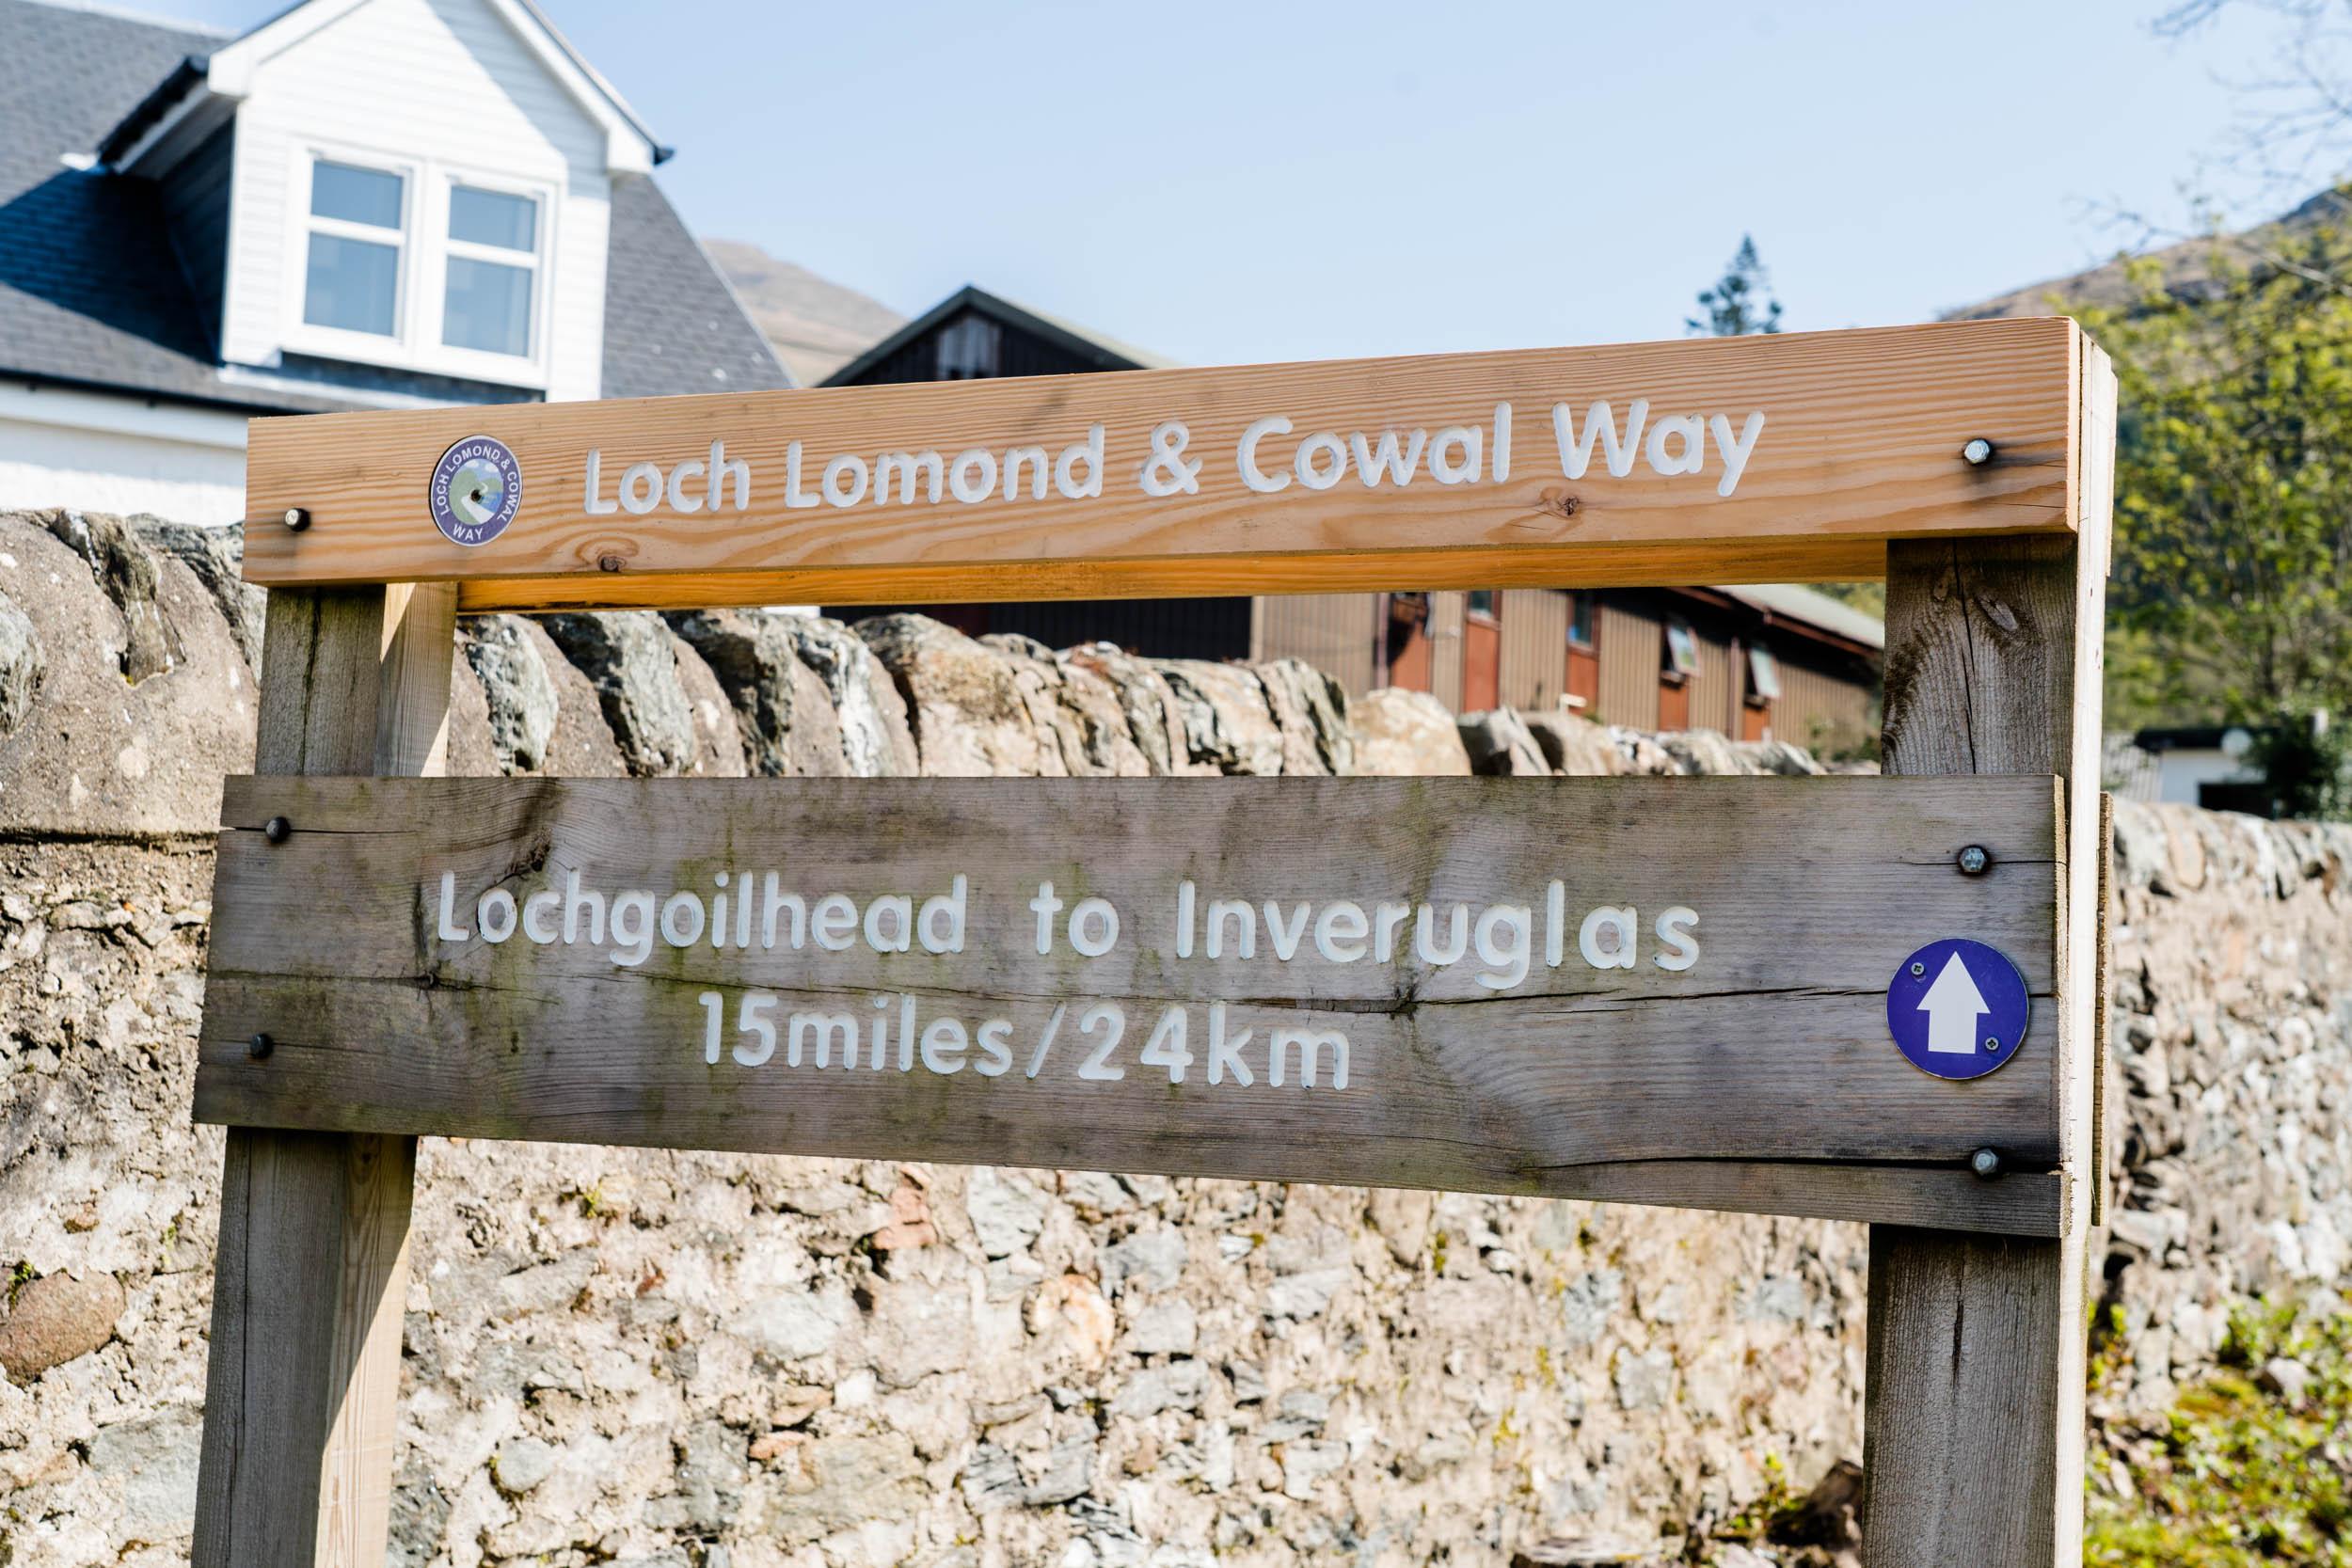 Loch-Lomond-Cowal-Way-Lochgoilhead-01578.jpg